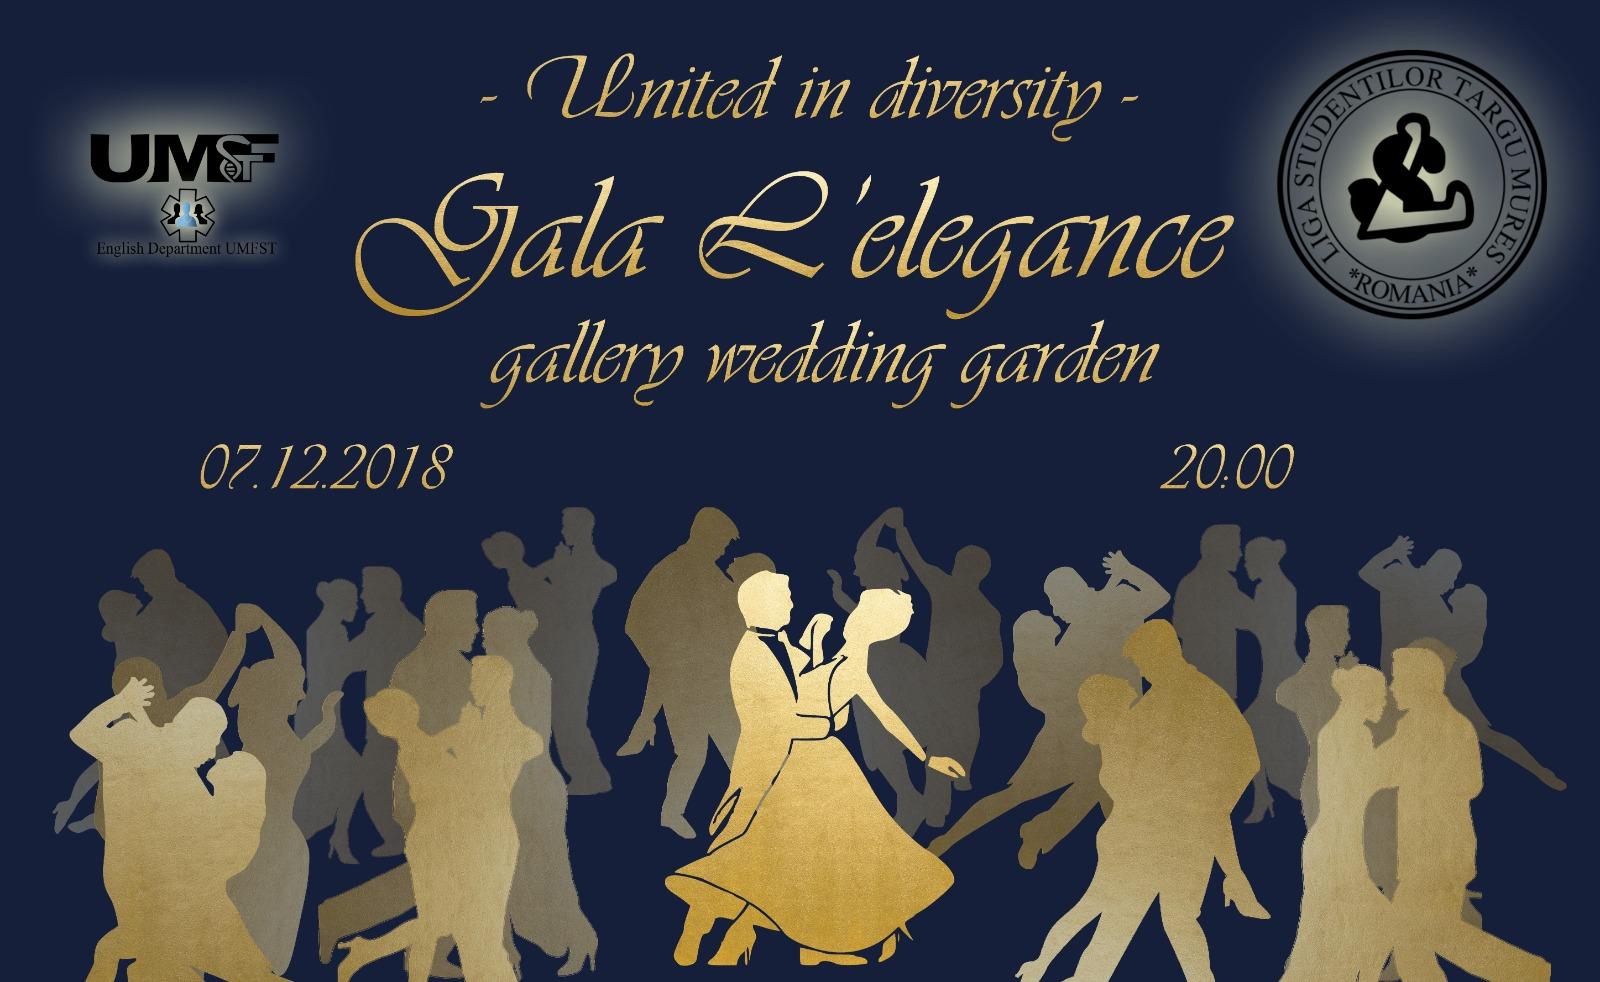 Studenții UMFST, invitați la Gala L'elegance